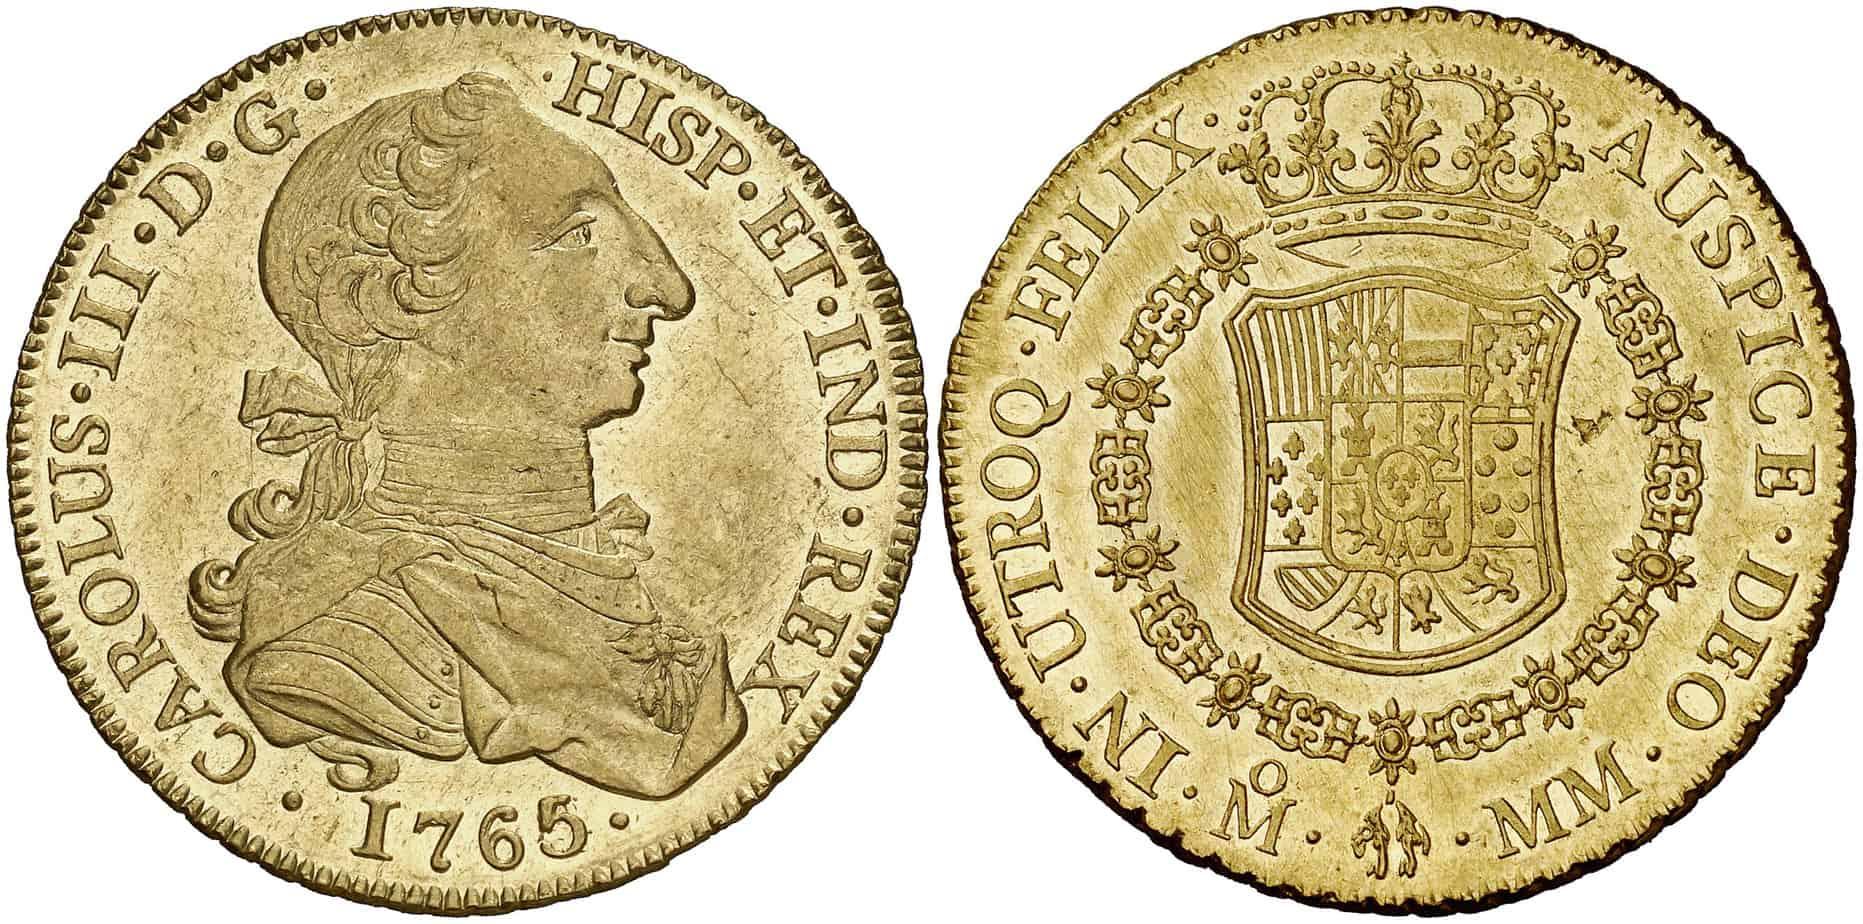 8 escudos México,1765